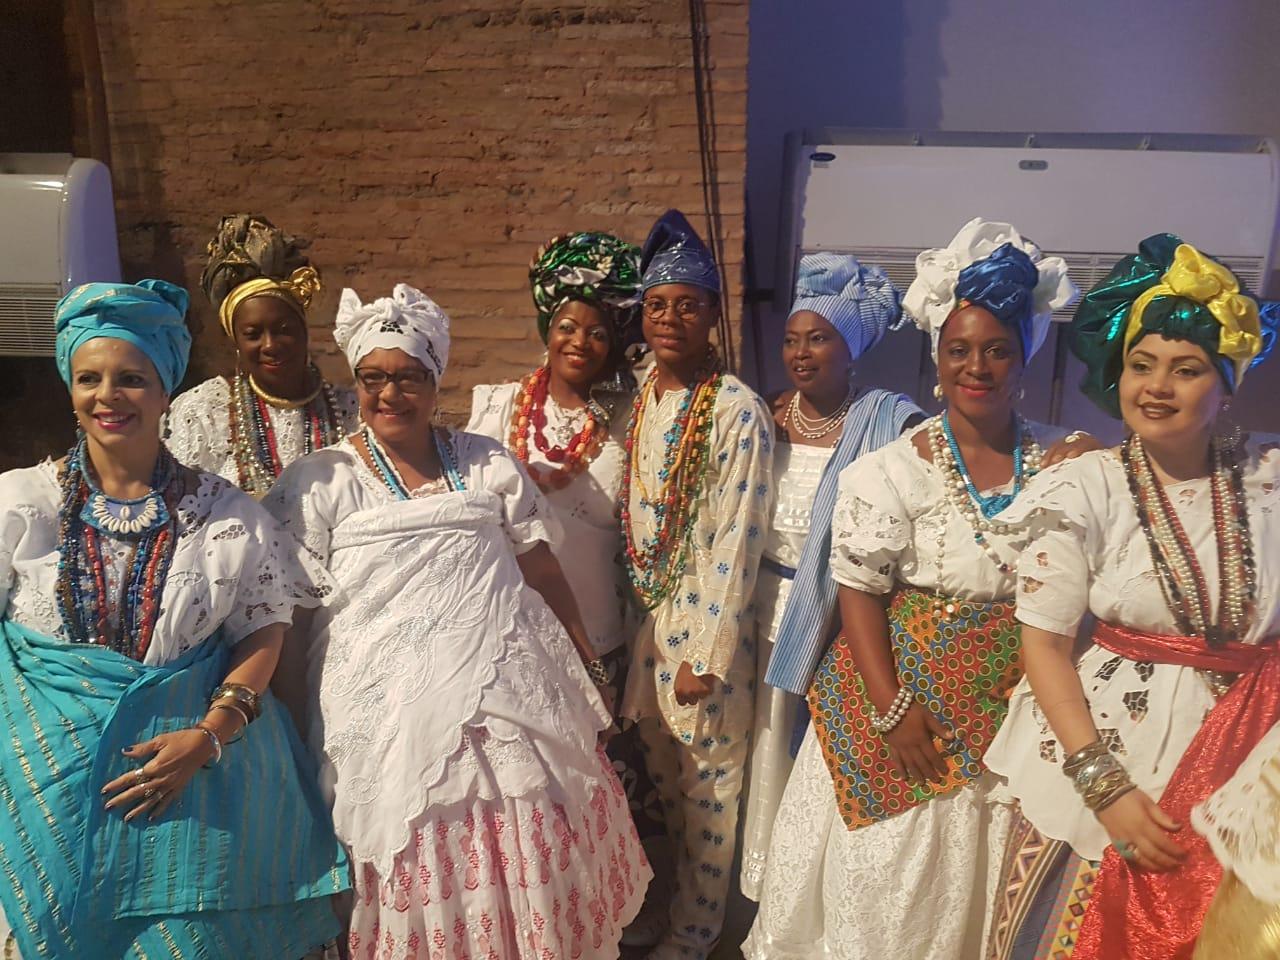 Iphan; Patrimônio Imaterial; ofício acarajé; matriz africana; baianas